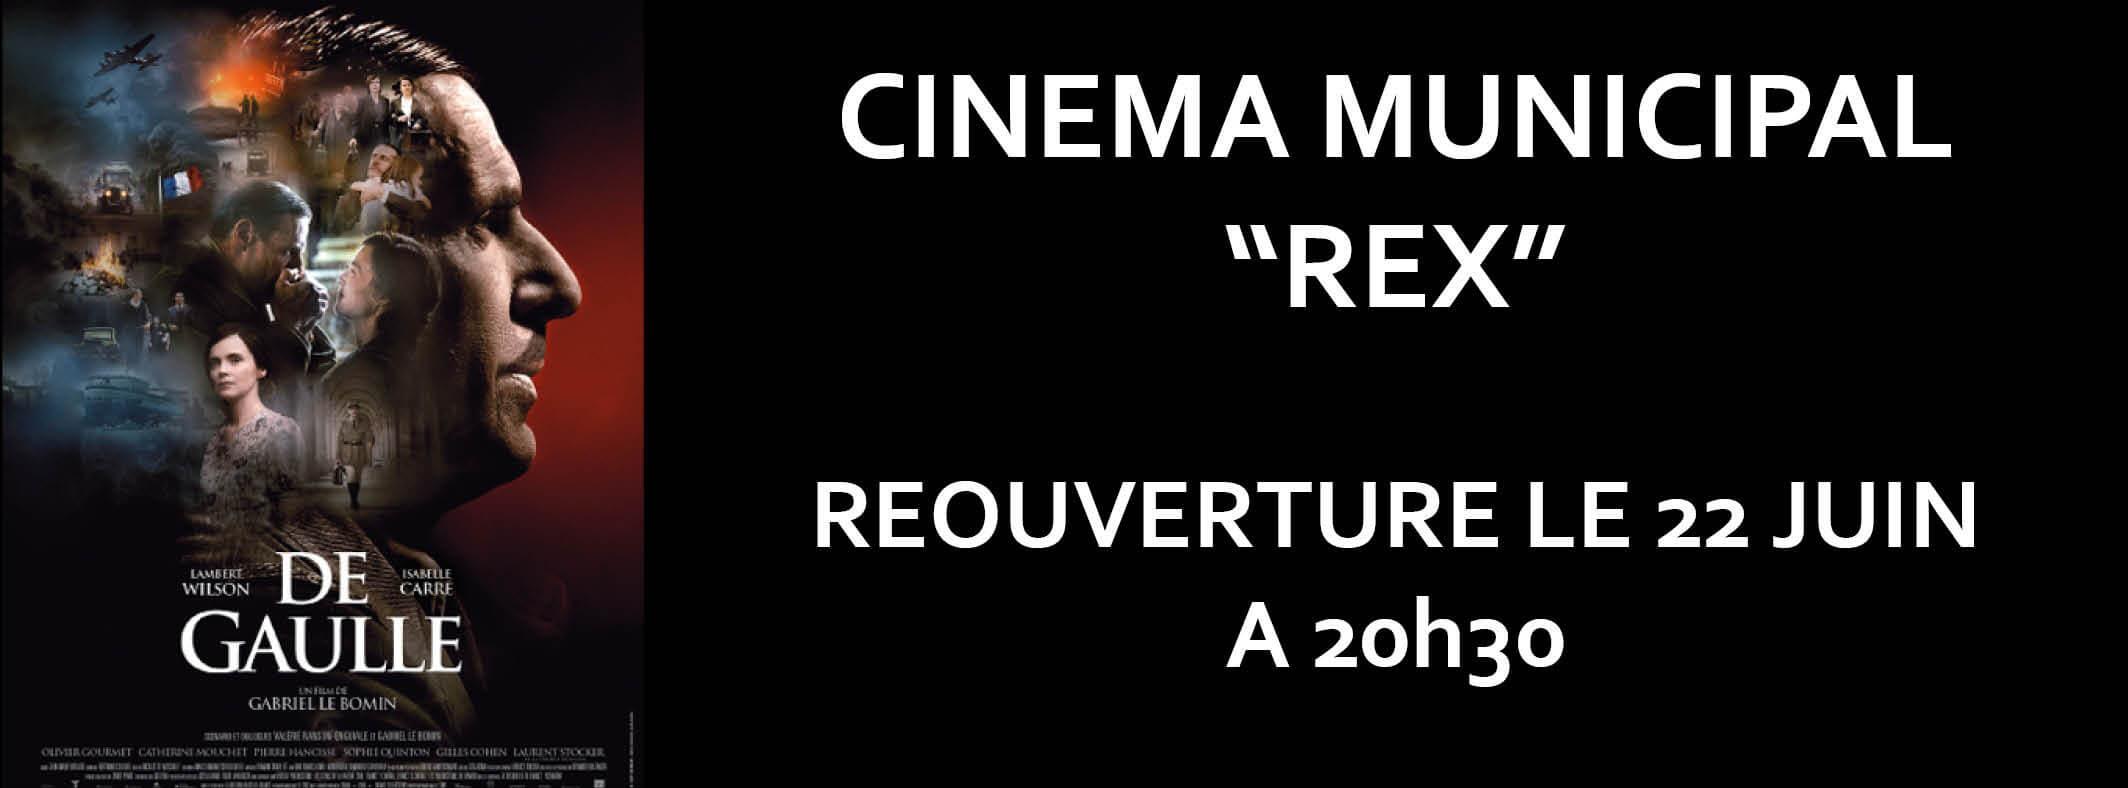 Réouverture du cinéma le 22 juin !